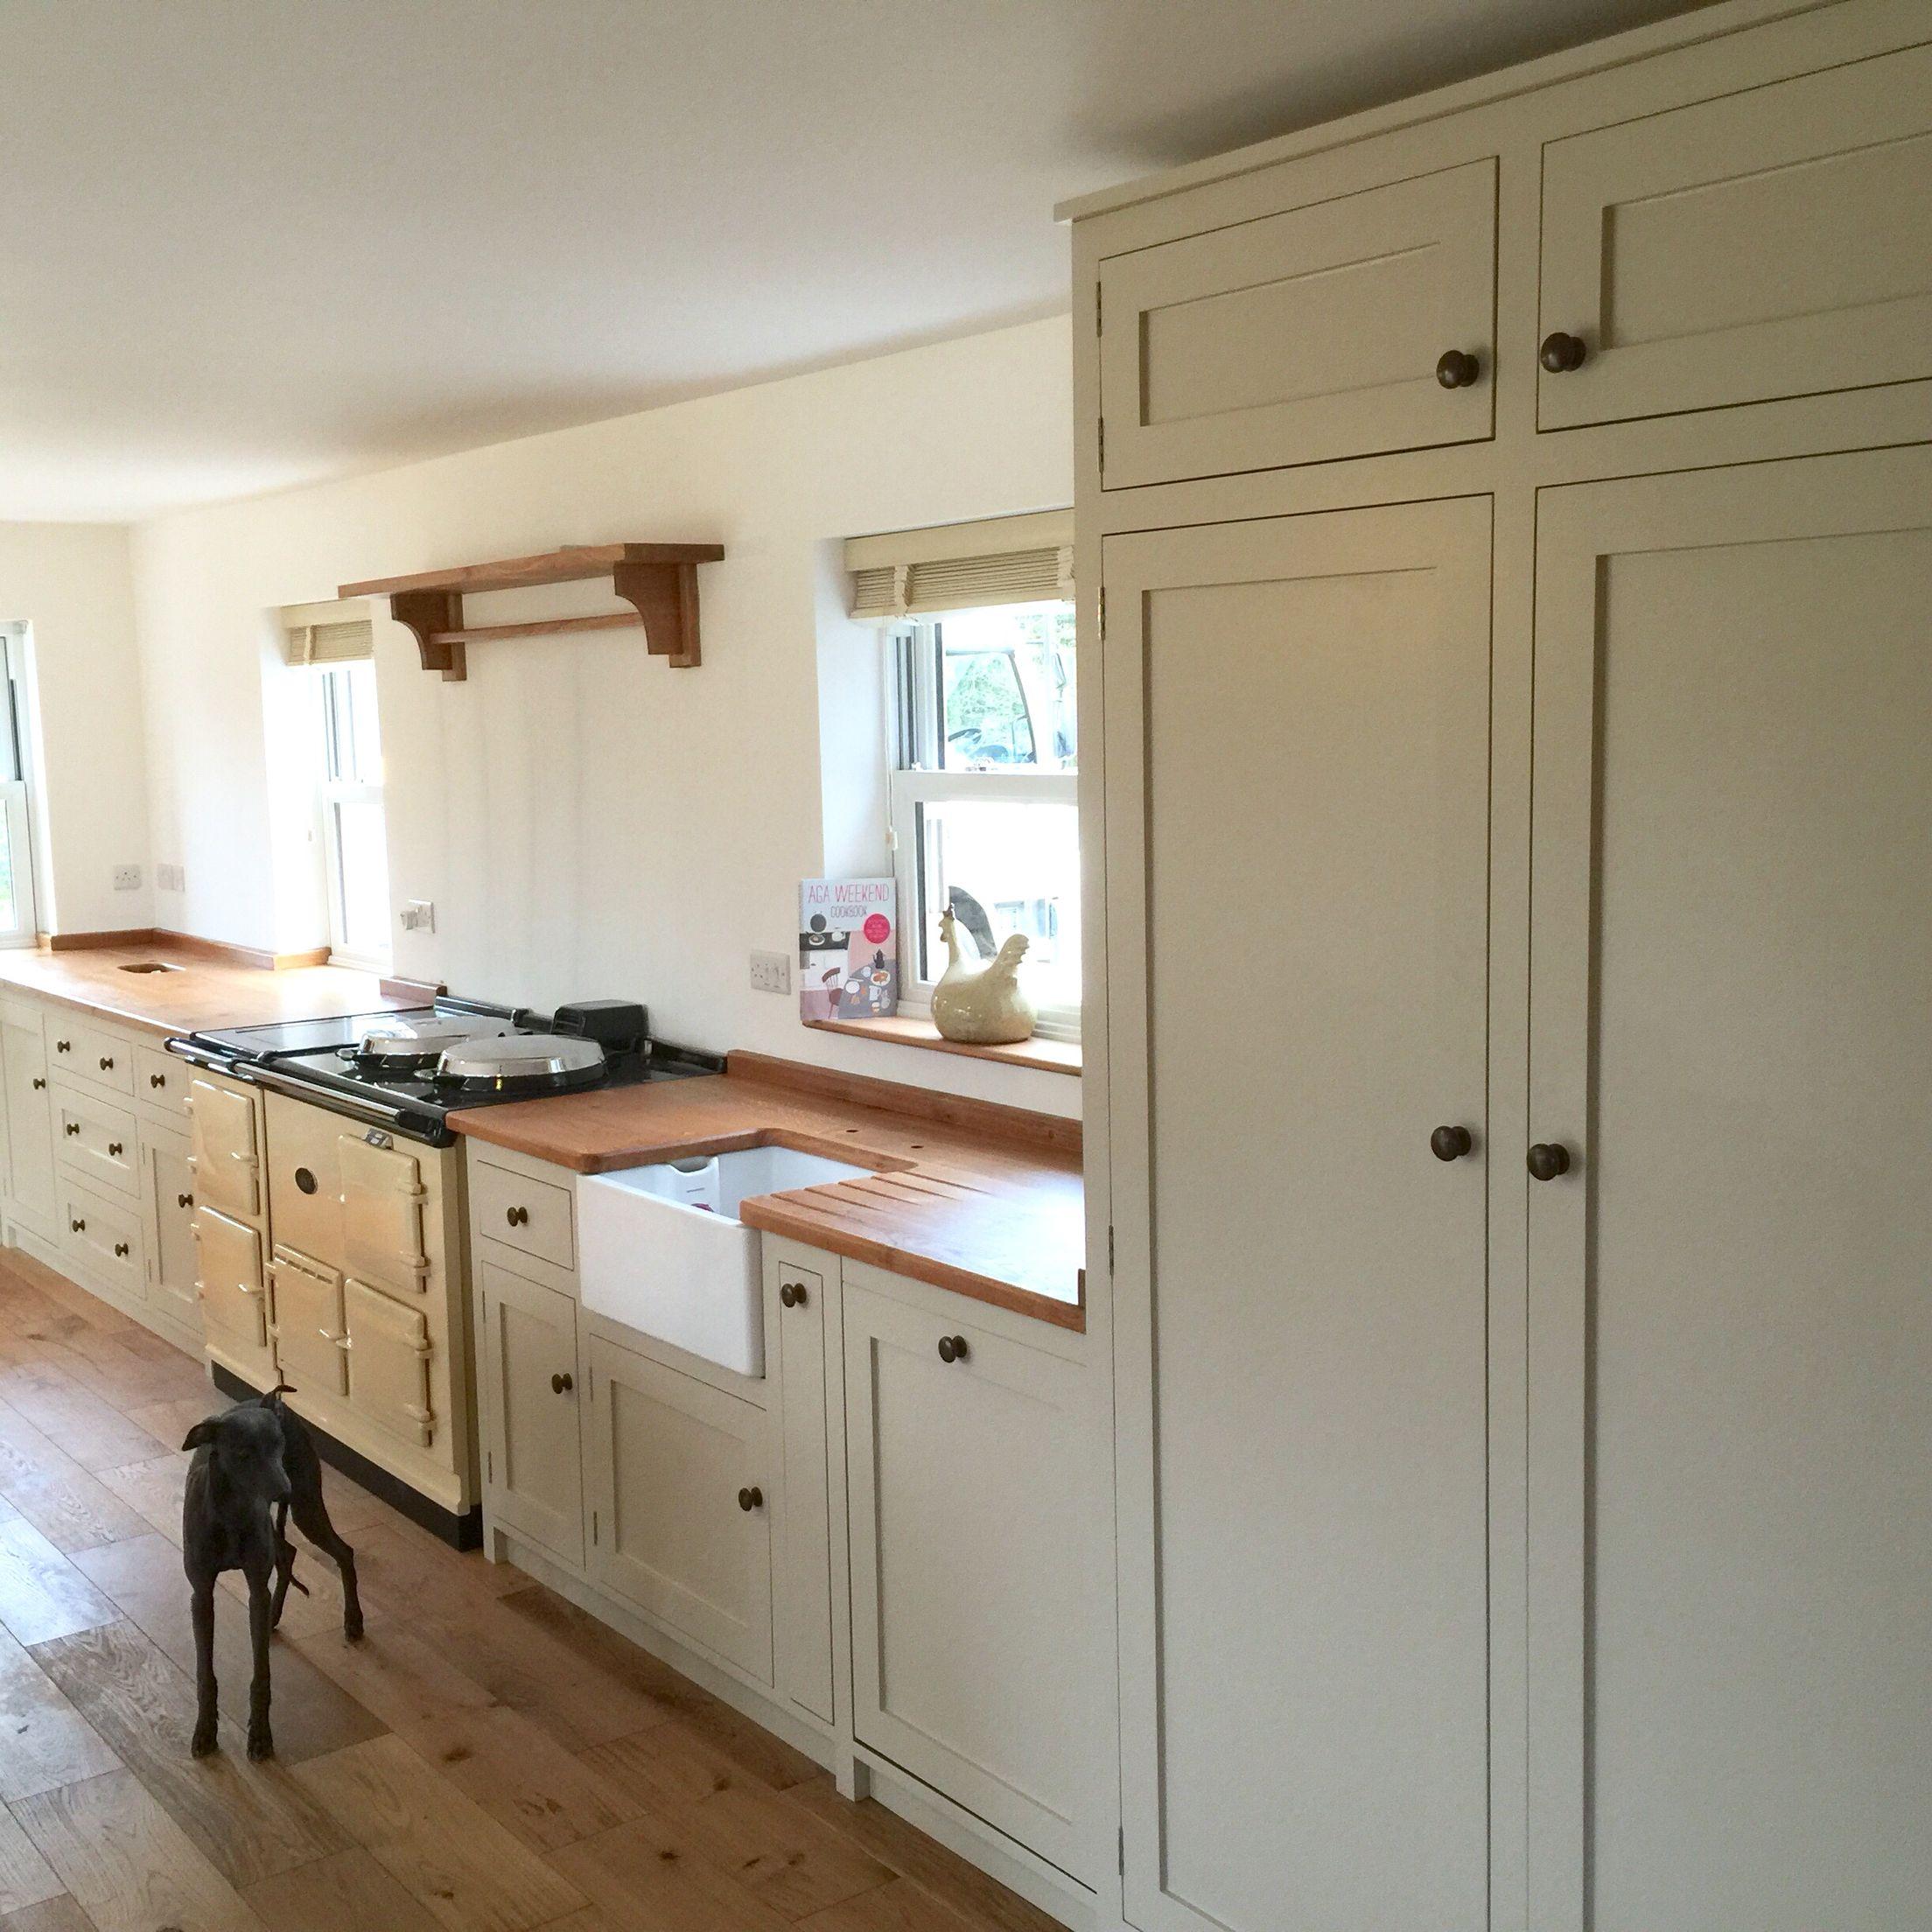 Oxford Stone Bespoke Kitchen Kitchen Design Kitchen Cabinet Design Bespoke Kitchens